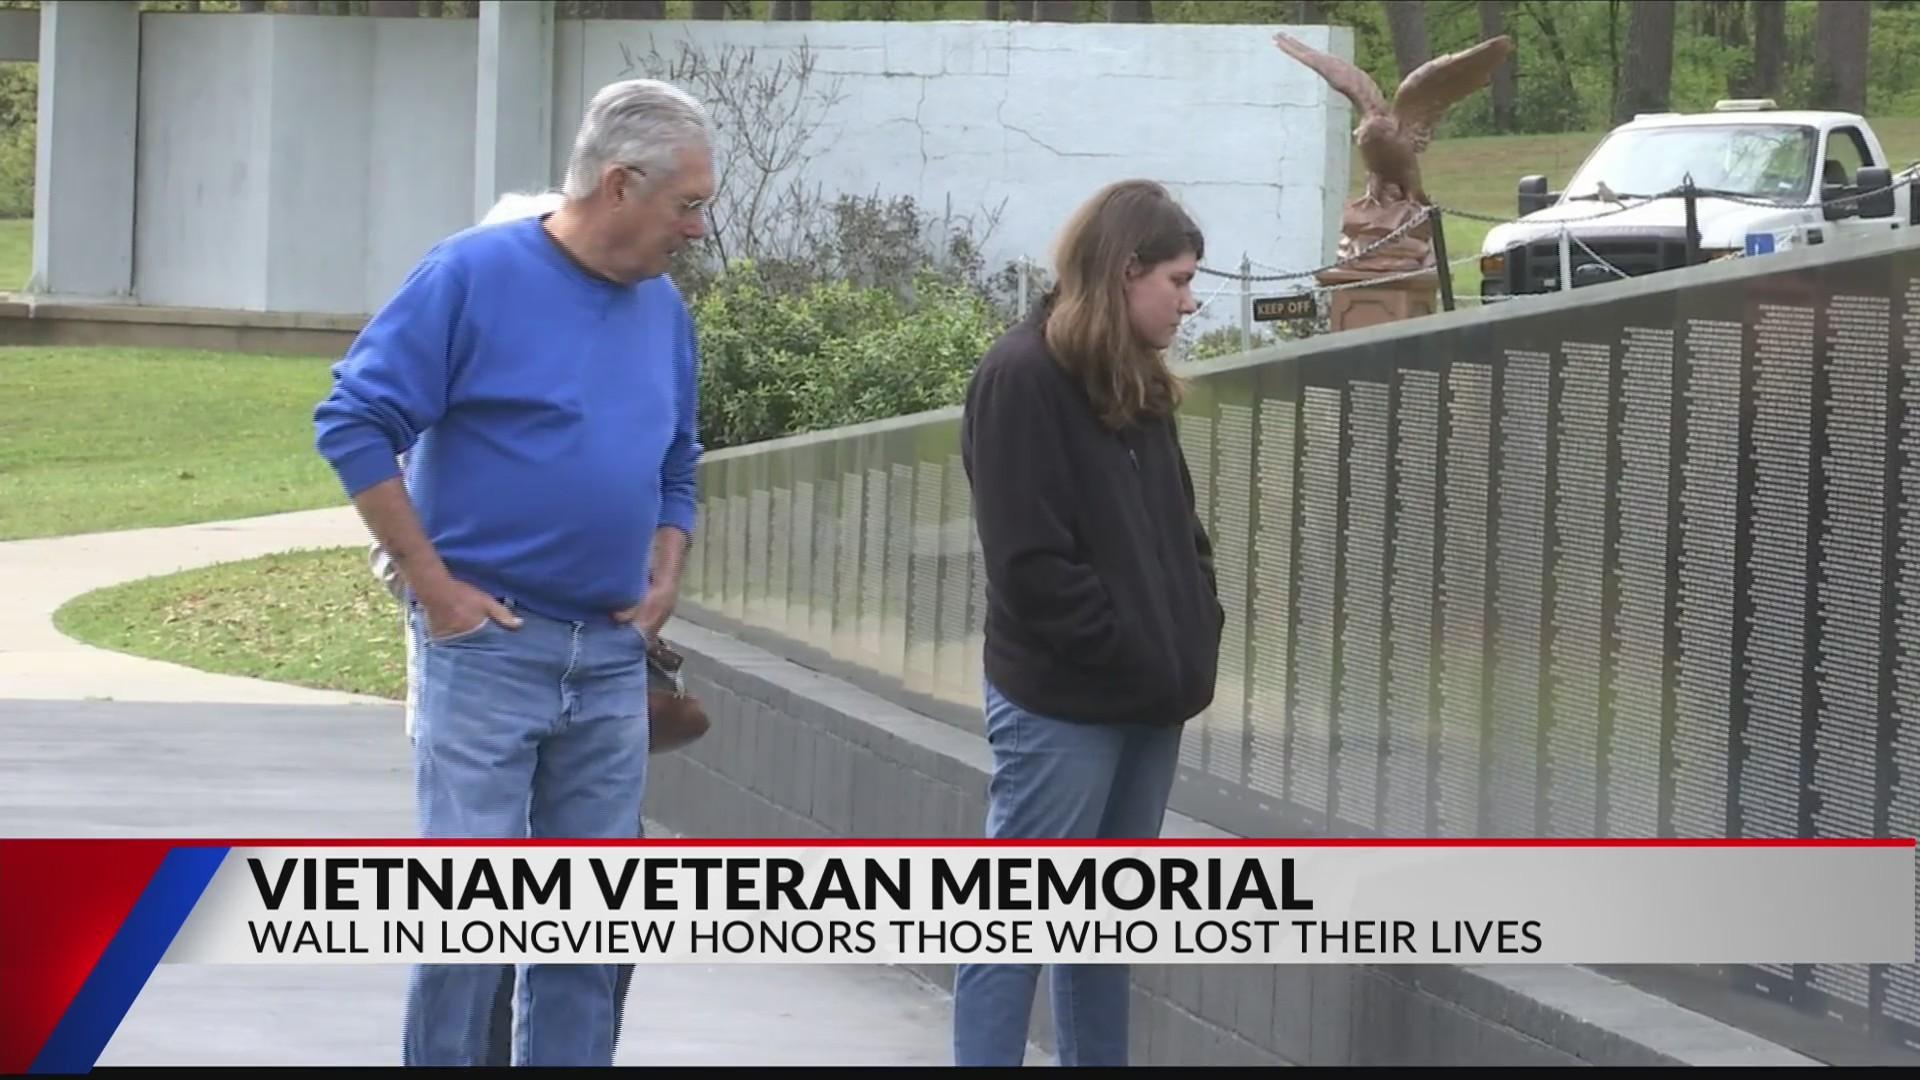 Longview_Vietnam_Veteran_Memorial_0_20190329122238